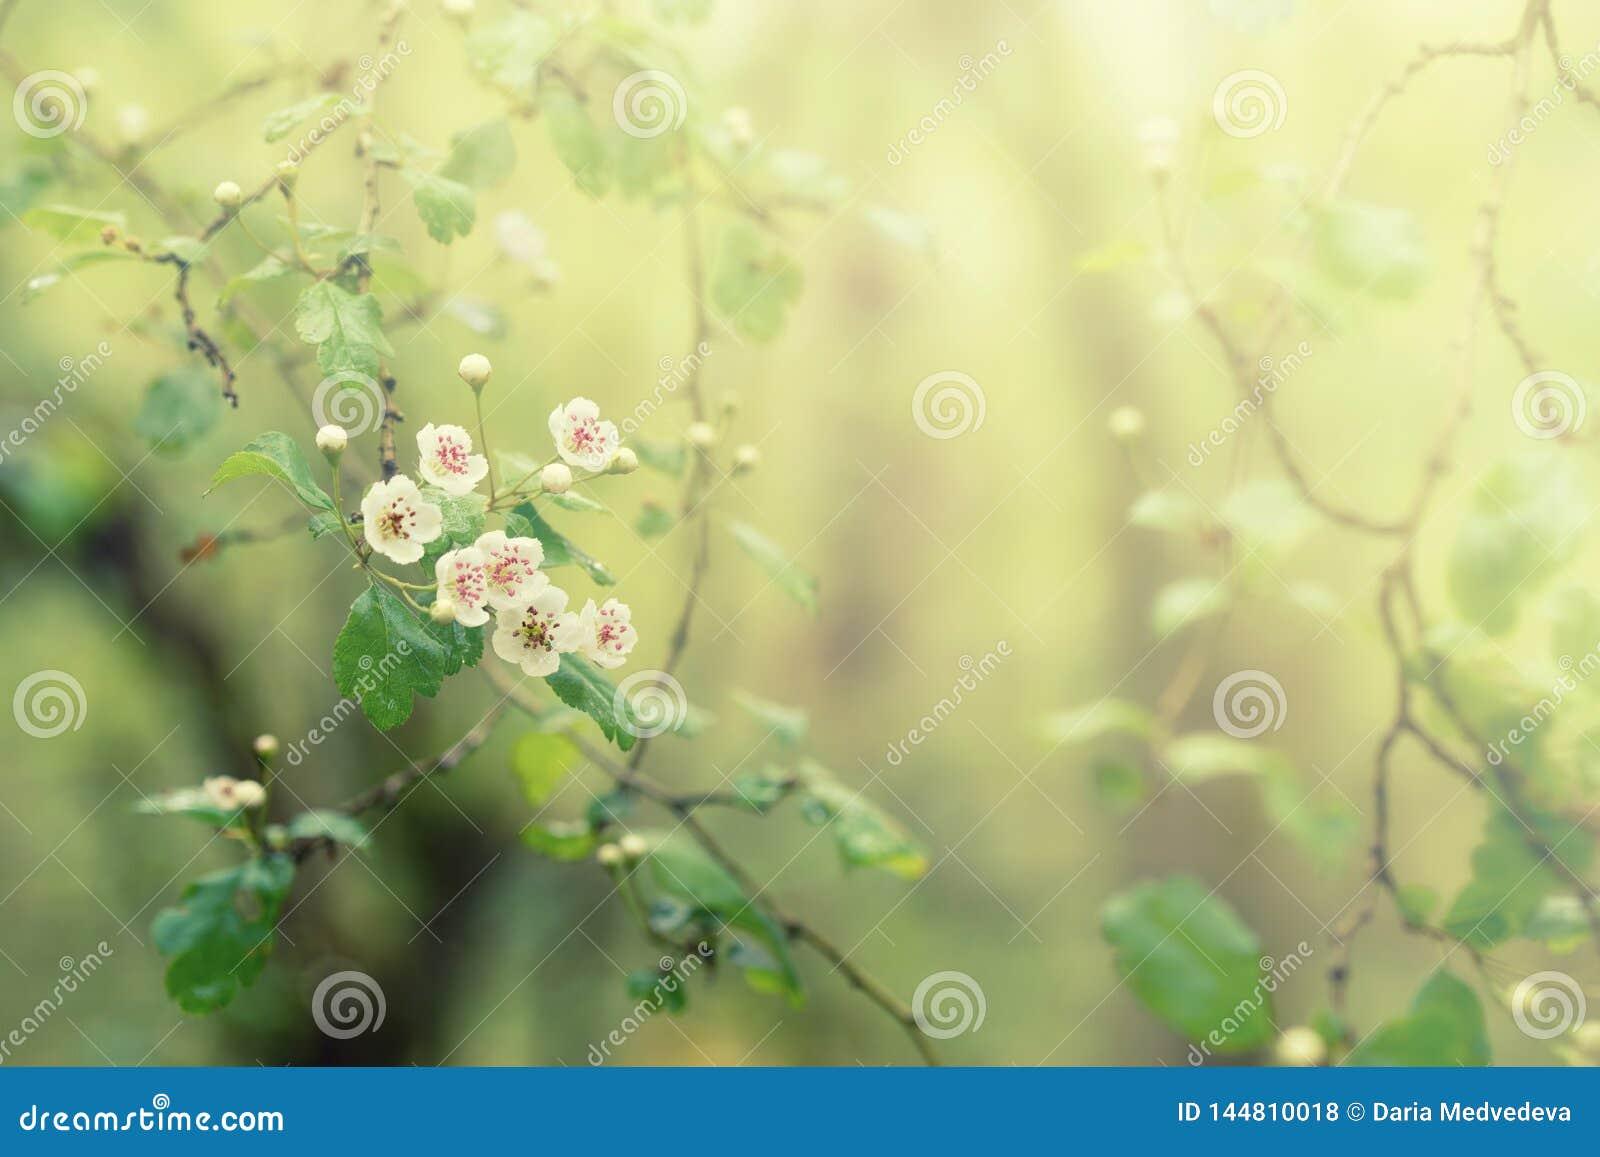 Árbol floreciente con las flores blancas, fondo abstracto floral de la primavera, foco suave